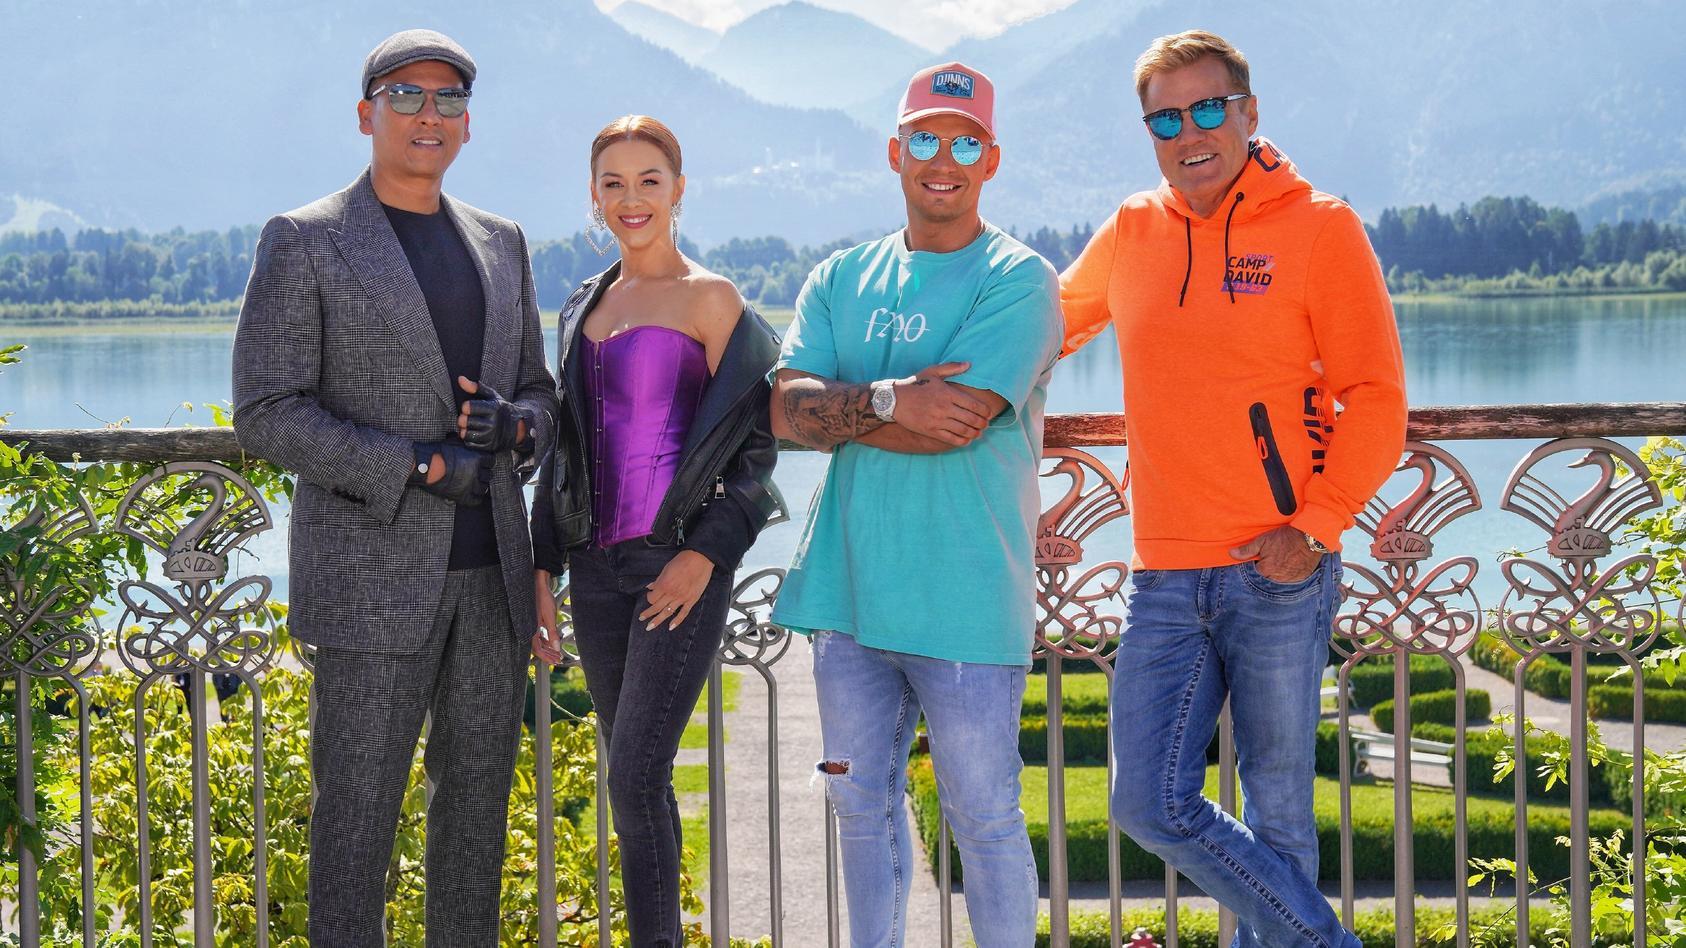 Auch 2020 bewerten sie große und kleine Gesangstalente: Xavier Naidoo, Oana Nechiti, Pietro Lombardi und Chefjuror Dieter Bohlen.